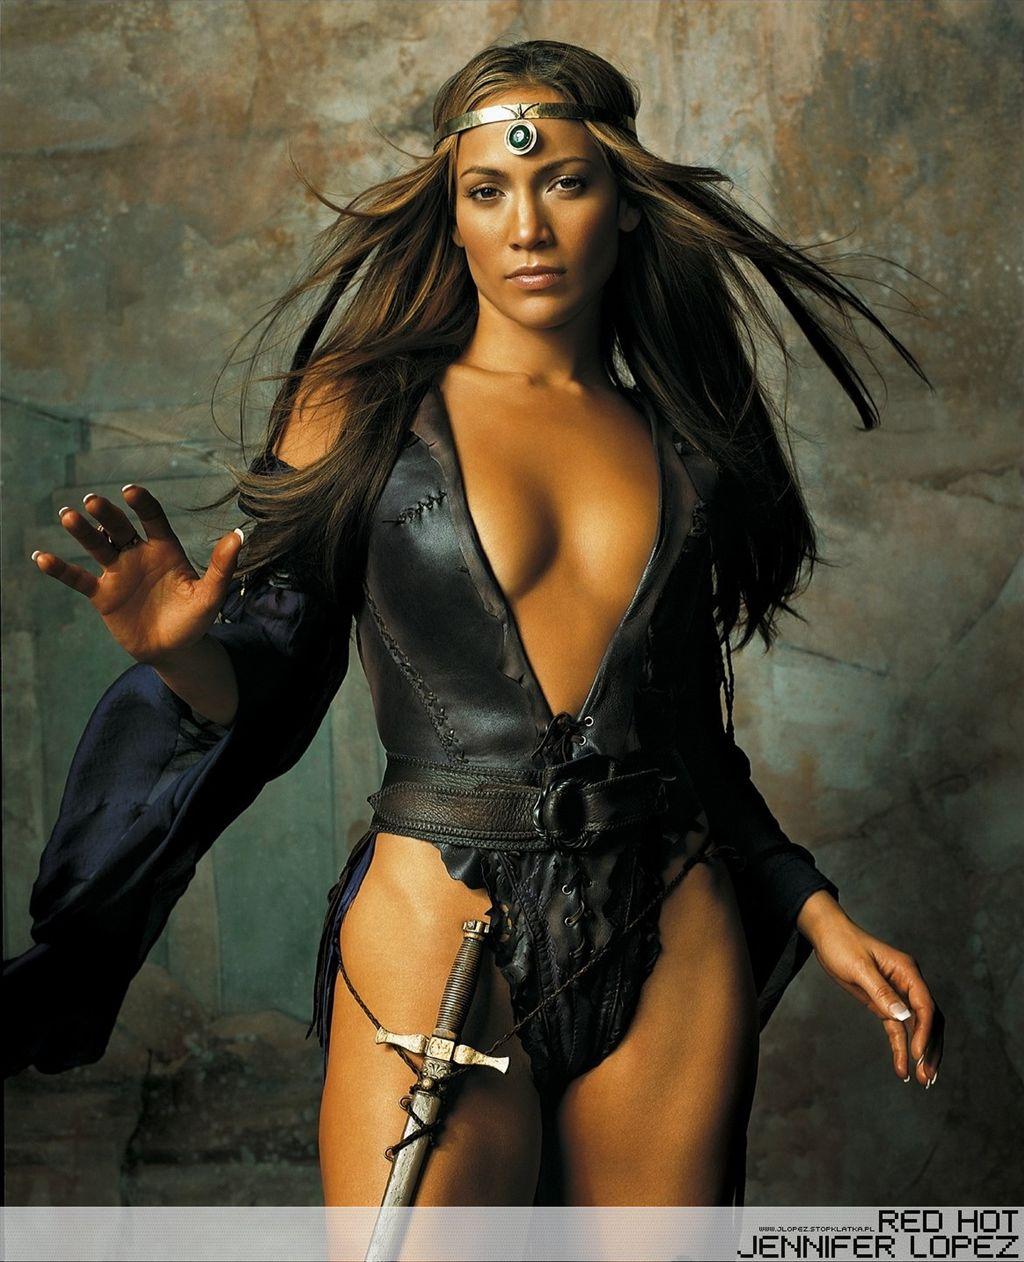 http://4.bp.blogspot.com/_RU6kYcIoHpg/TTUMD7S9yxI/AAAAAAAAA2c/k-gCxq2P5zU/s1600/Jennifer_Lopez_with_a_scooter1.jpg